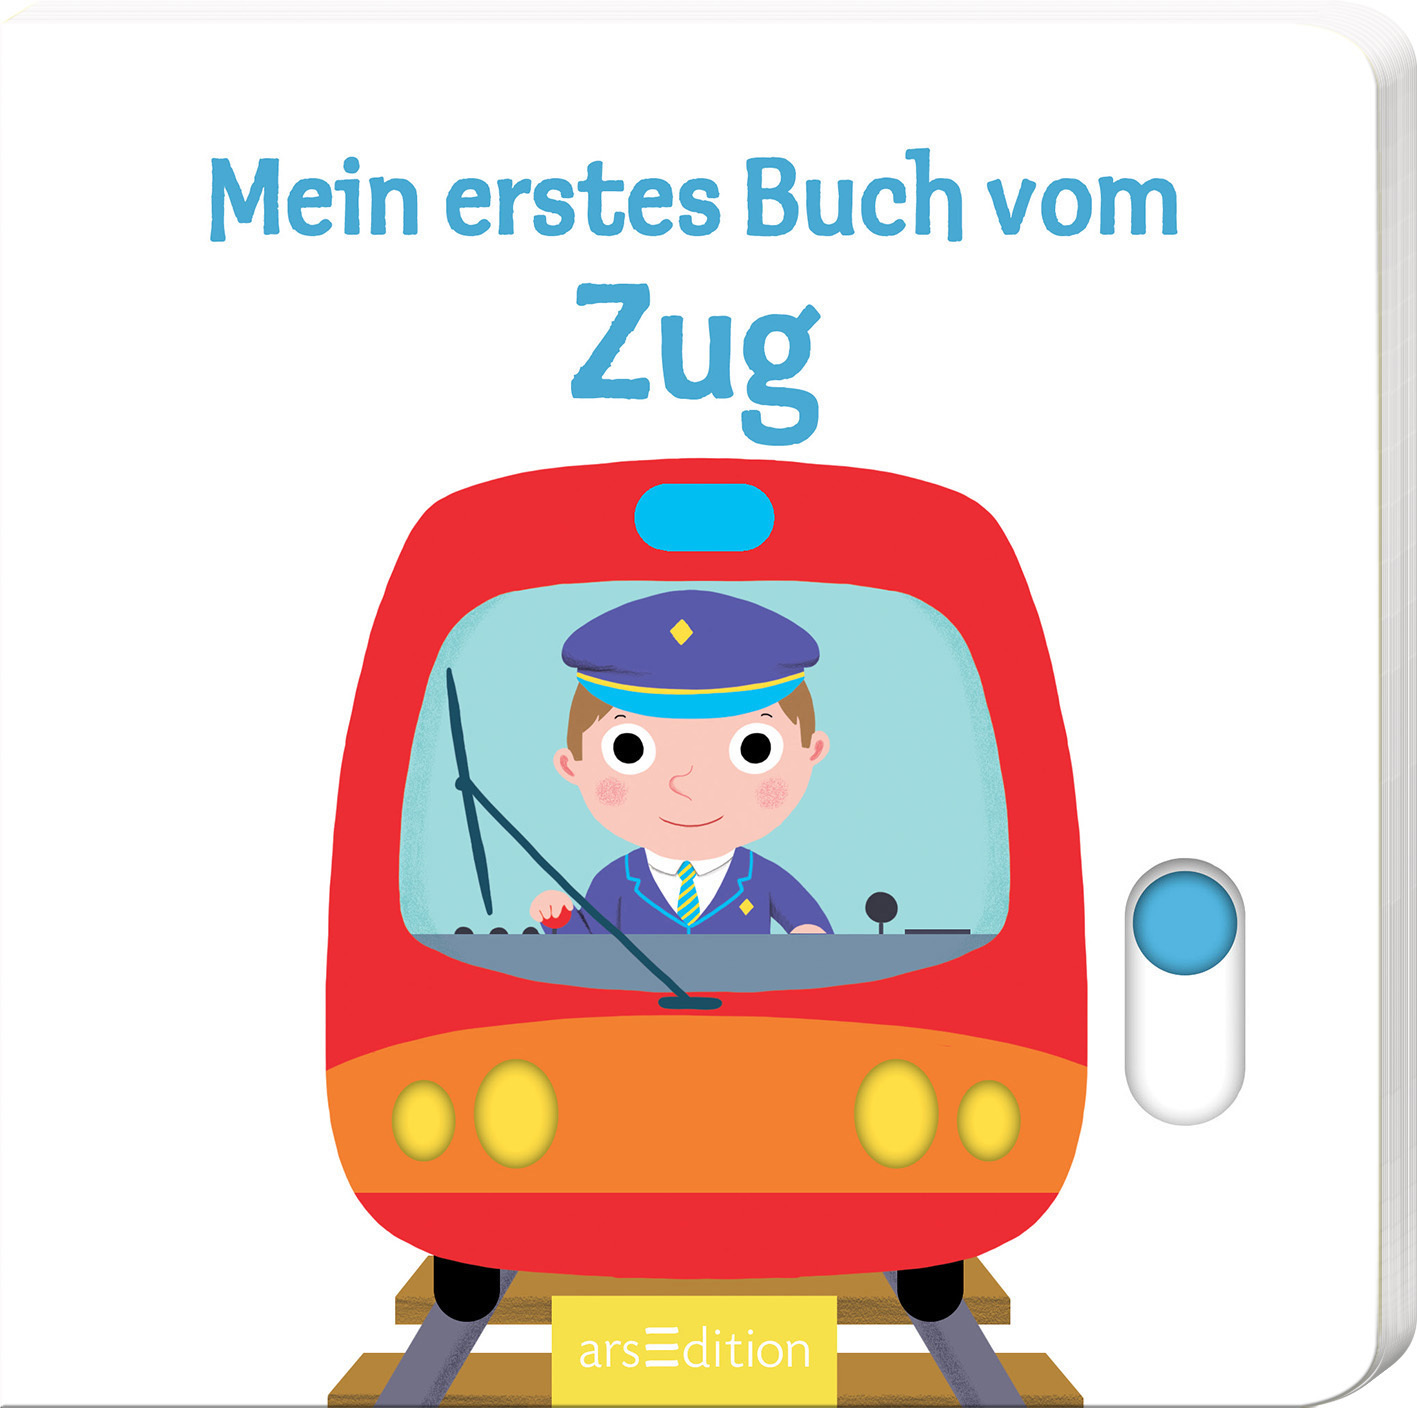 »Mein erstes Buch vom Zug« — Ars Edition